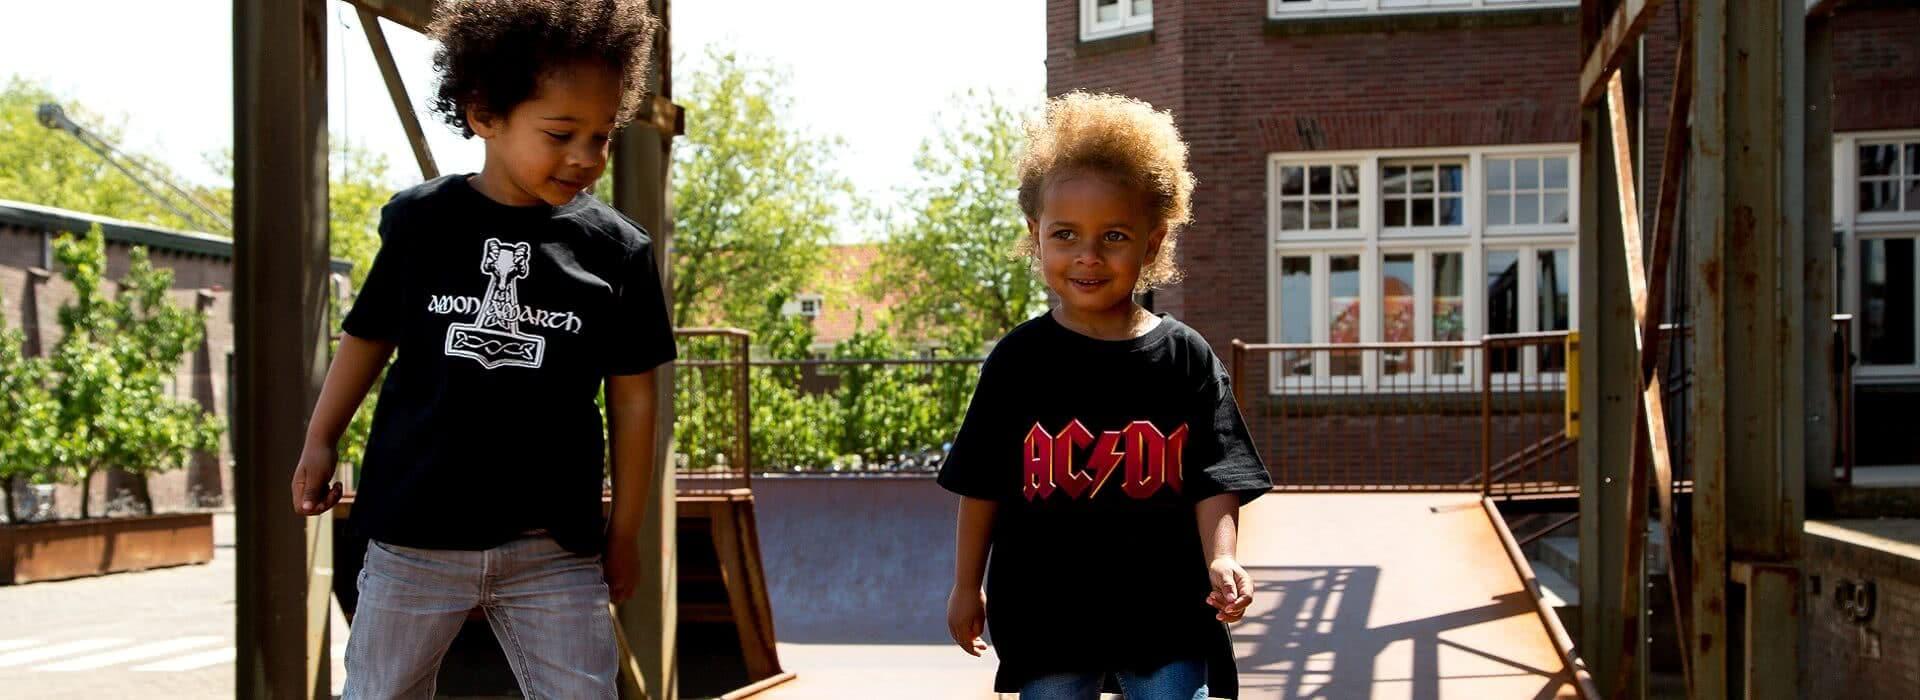 Metal kids kleding